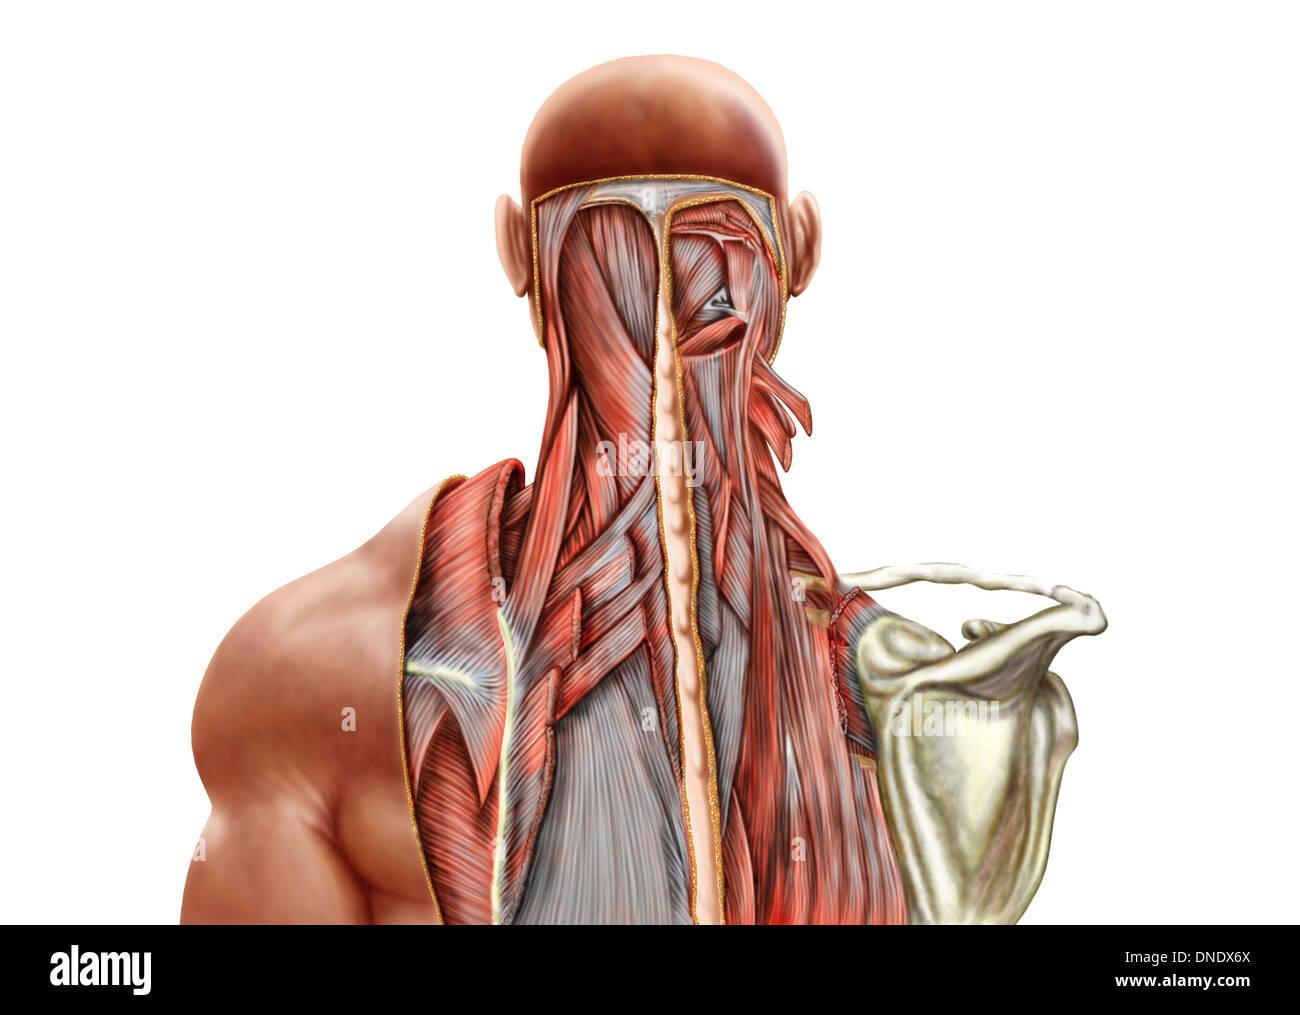 Anatomía Humana mostrando músculos profundos en el cuello y la parte ...